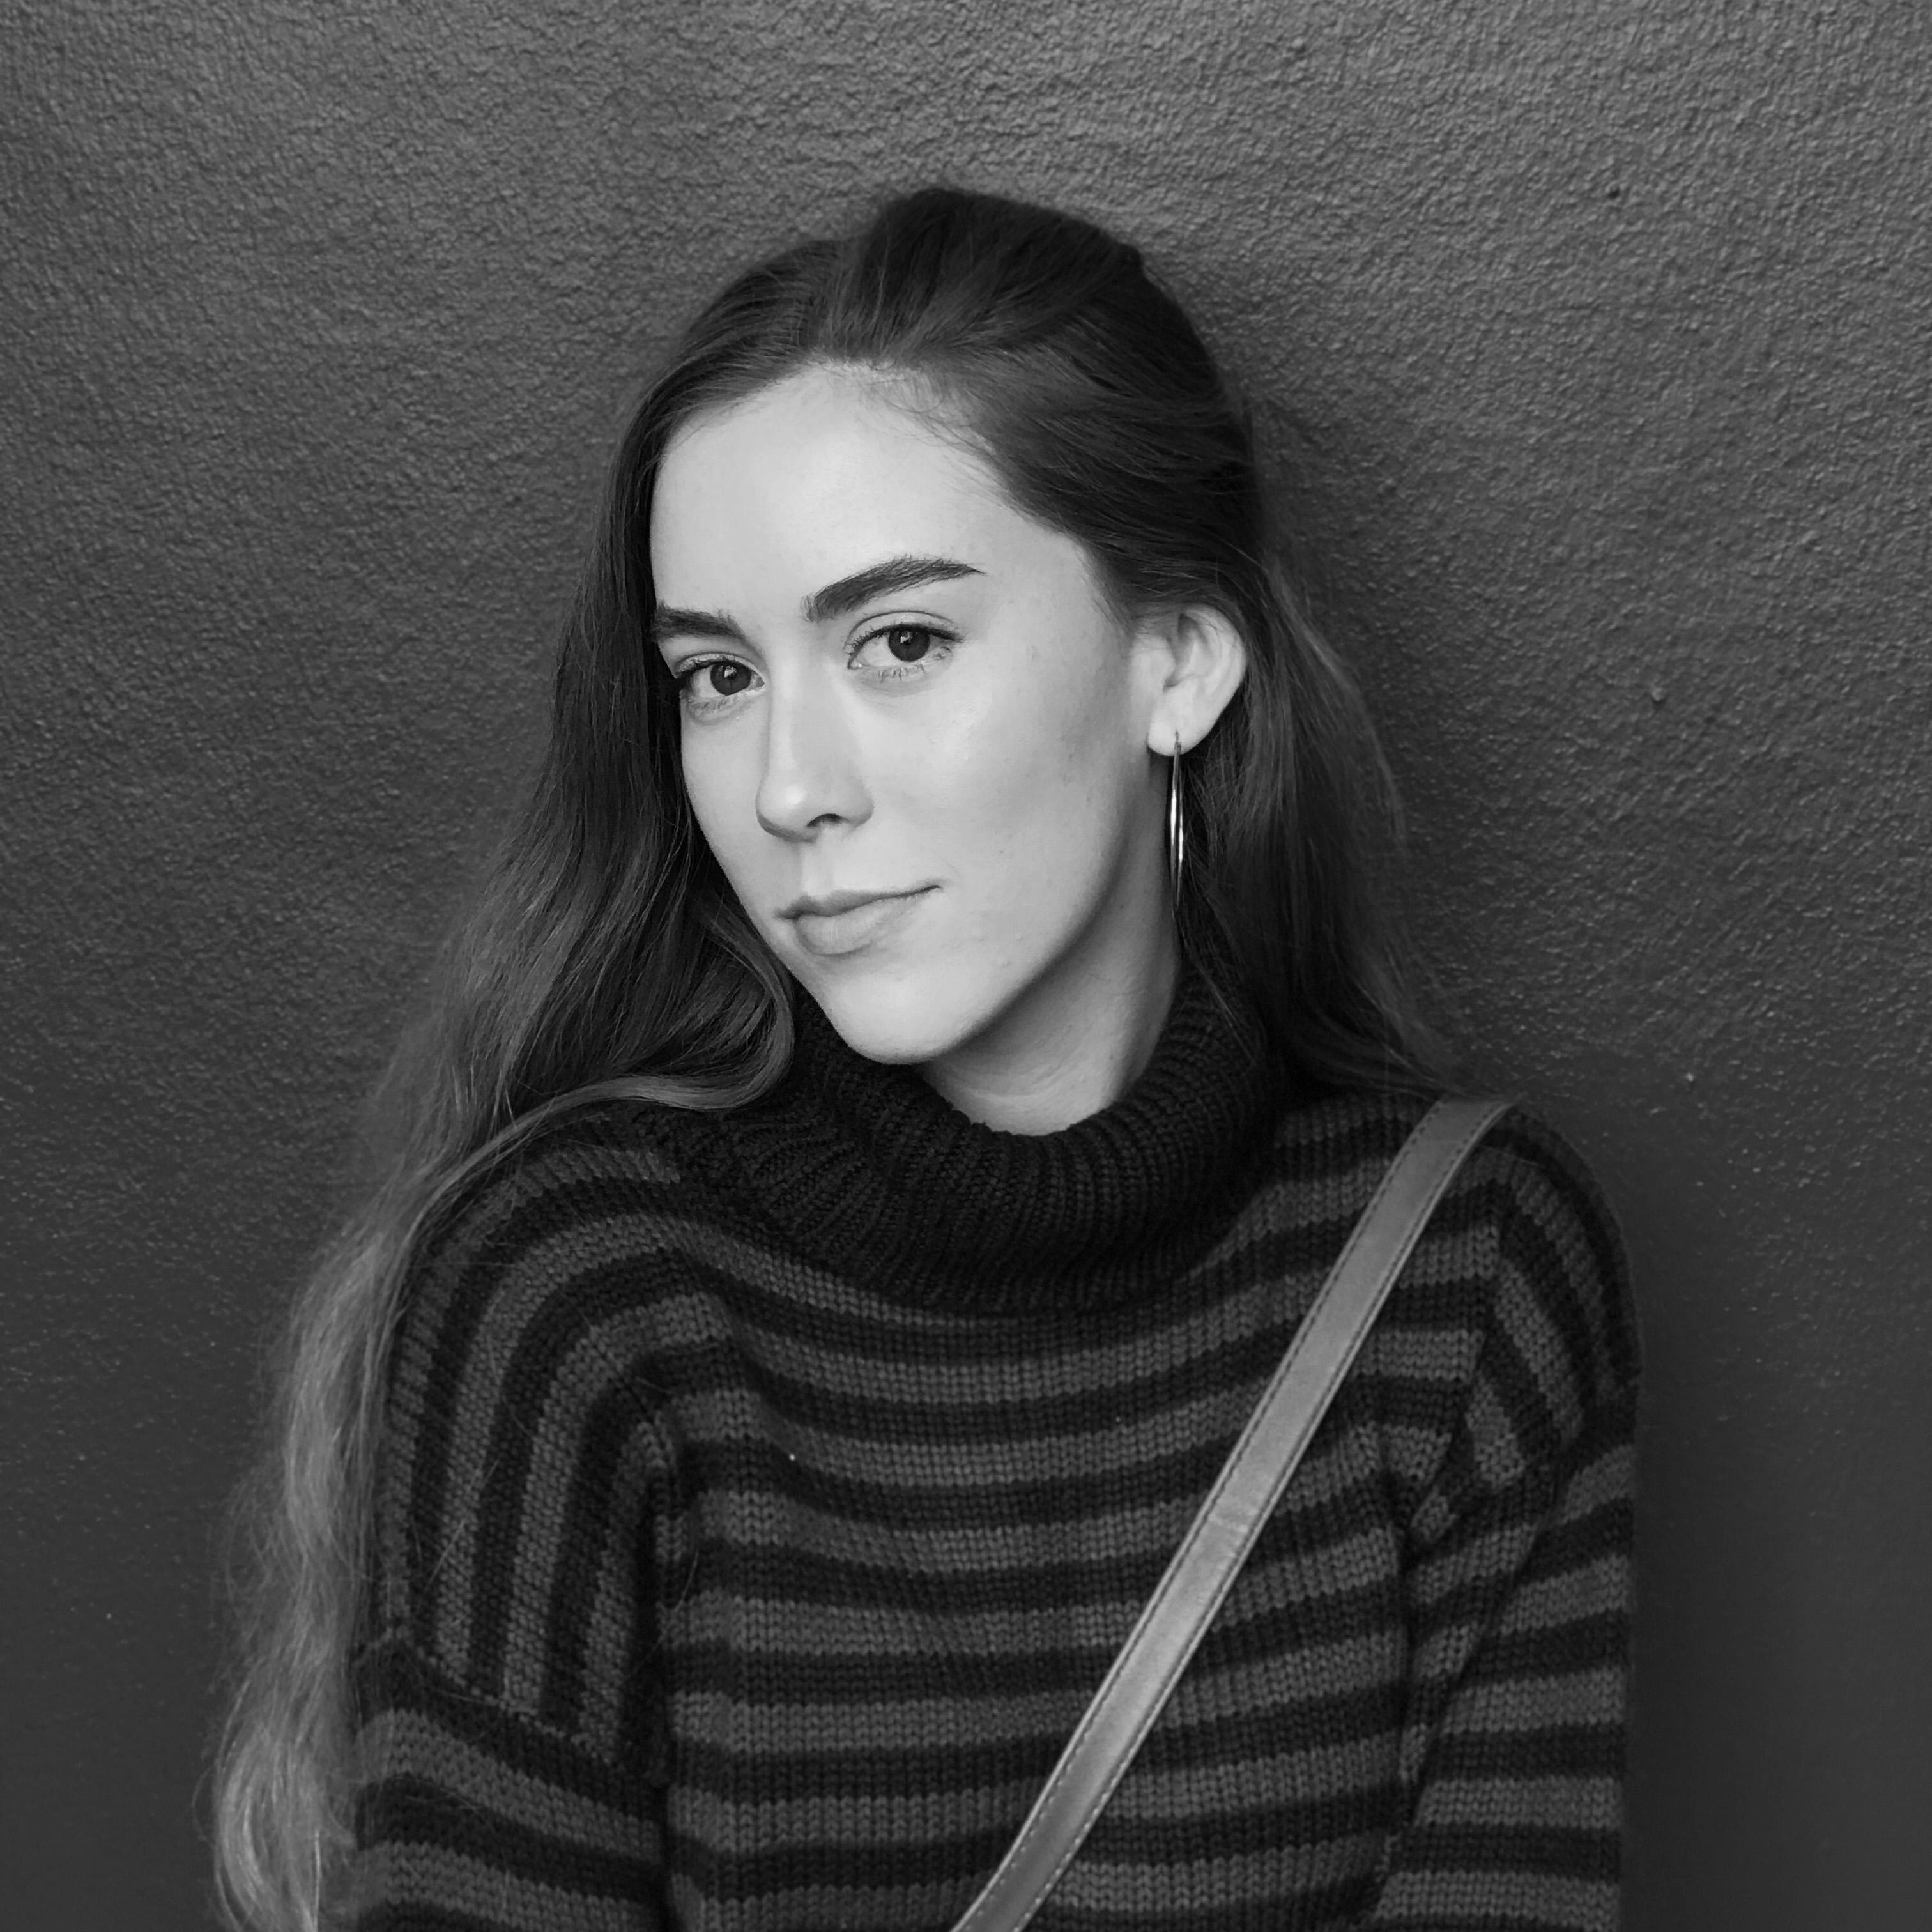 Alessandra De Zubeldia